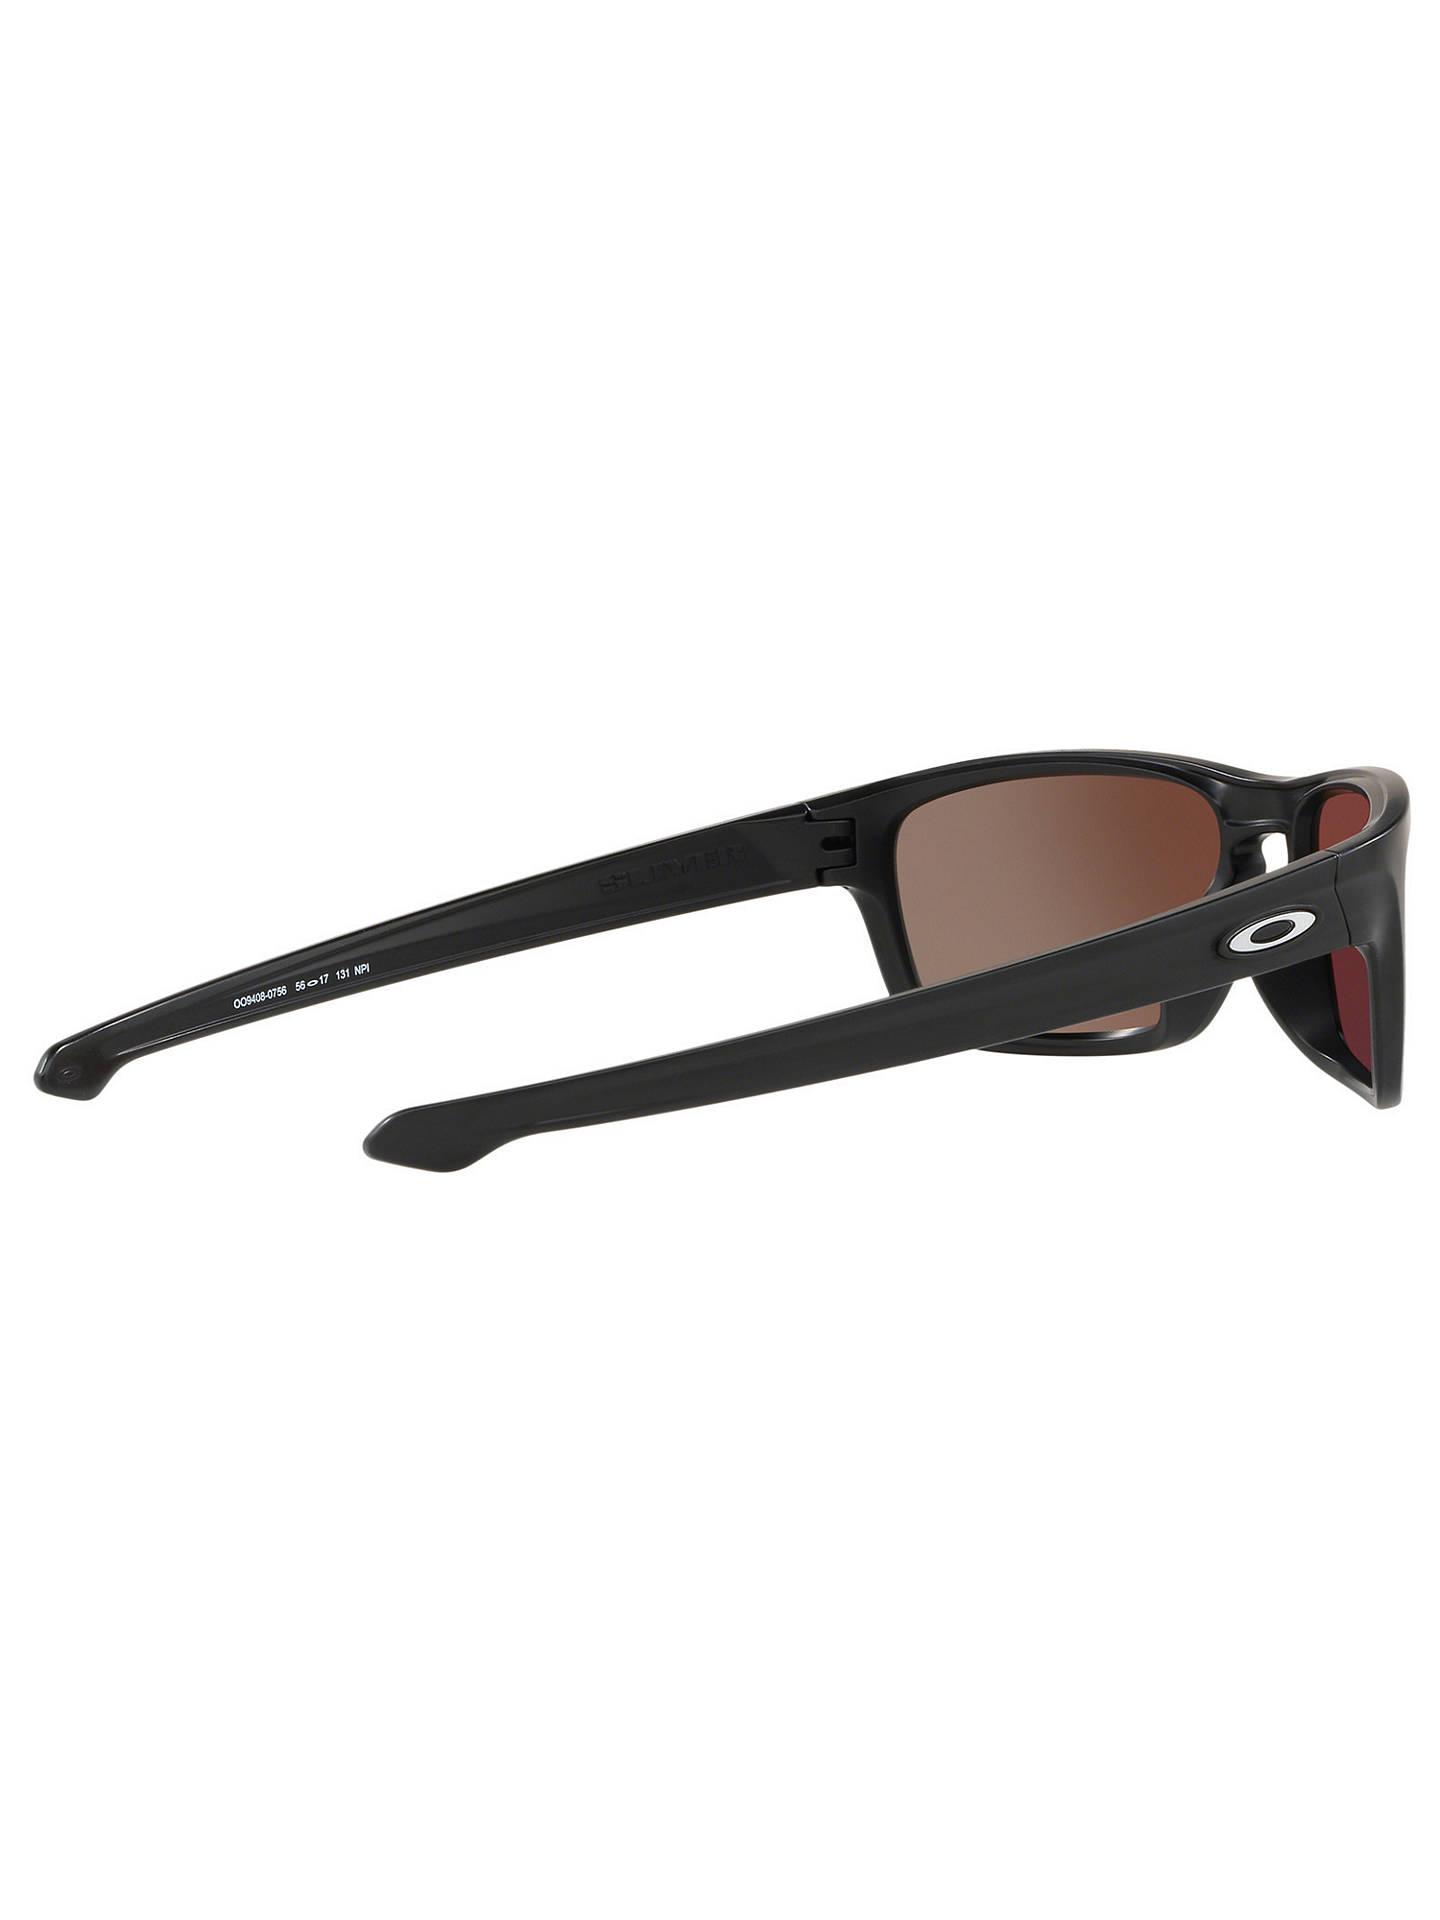 27437e47b0 ... Buy Oakley OO9408 Men s Sliver Stealth Prizm Polarised Rectangular  Sunglasses